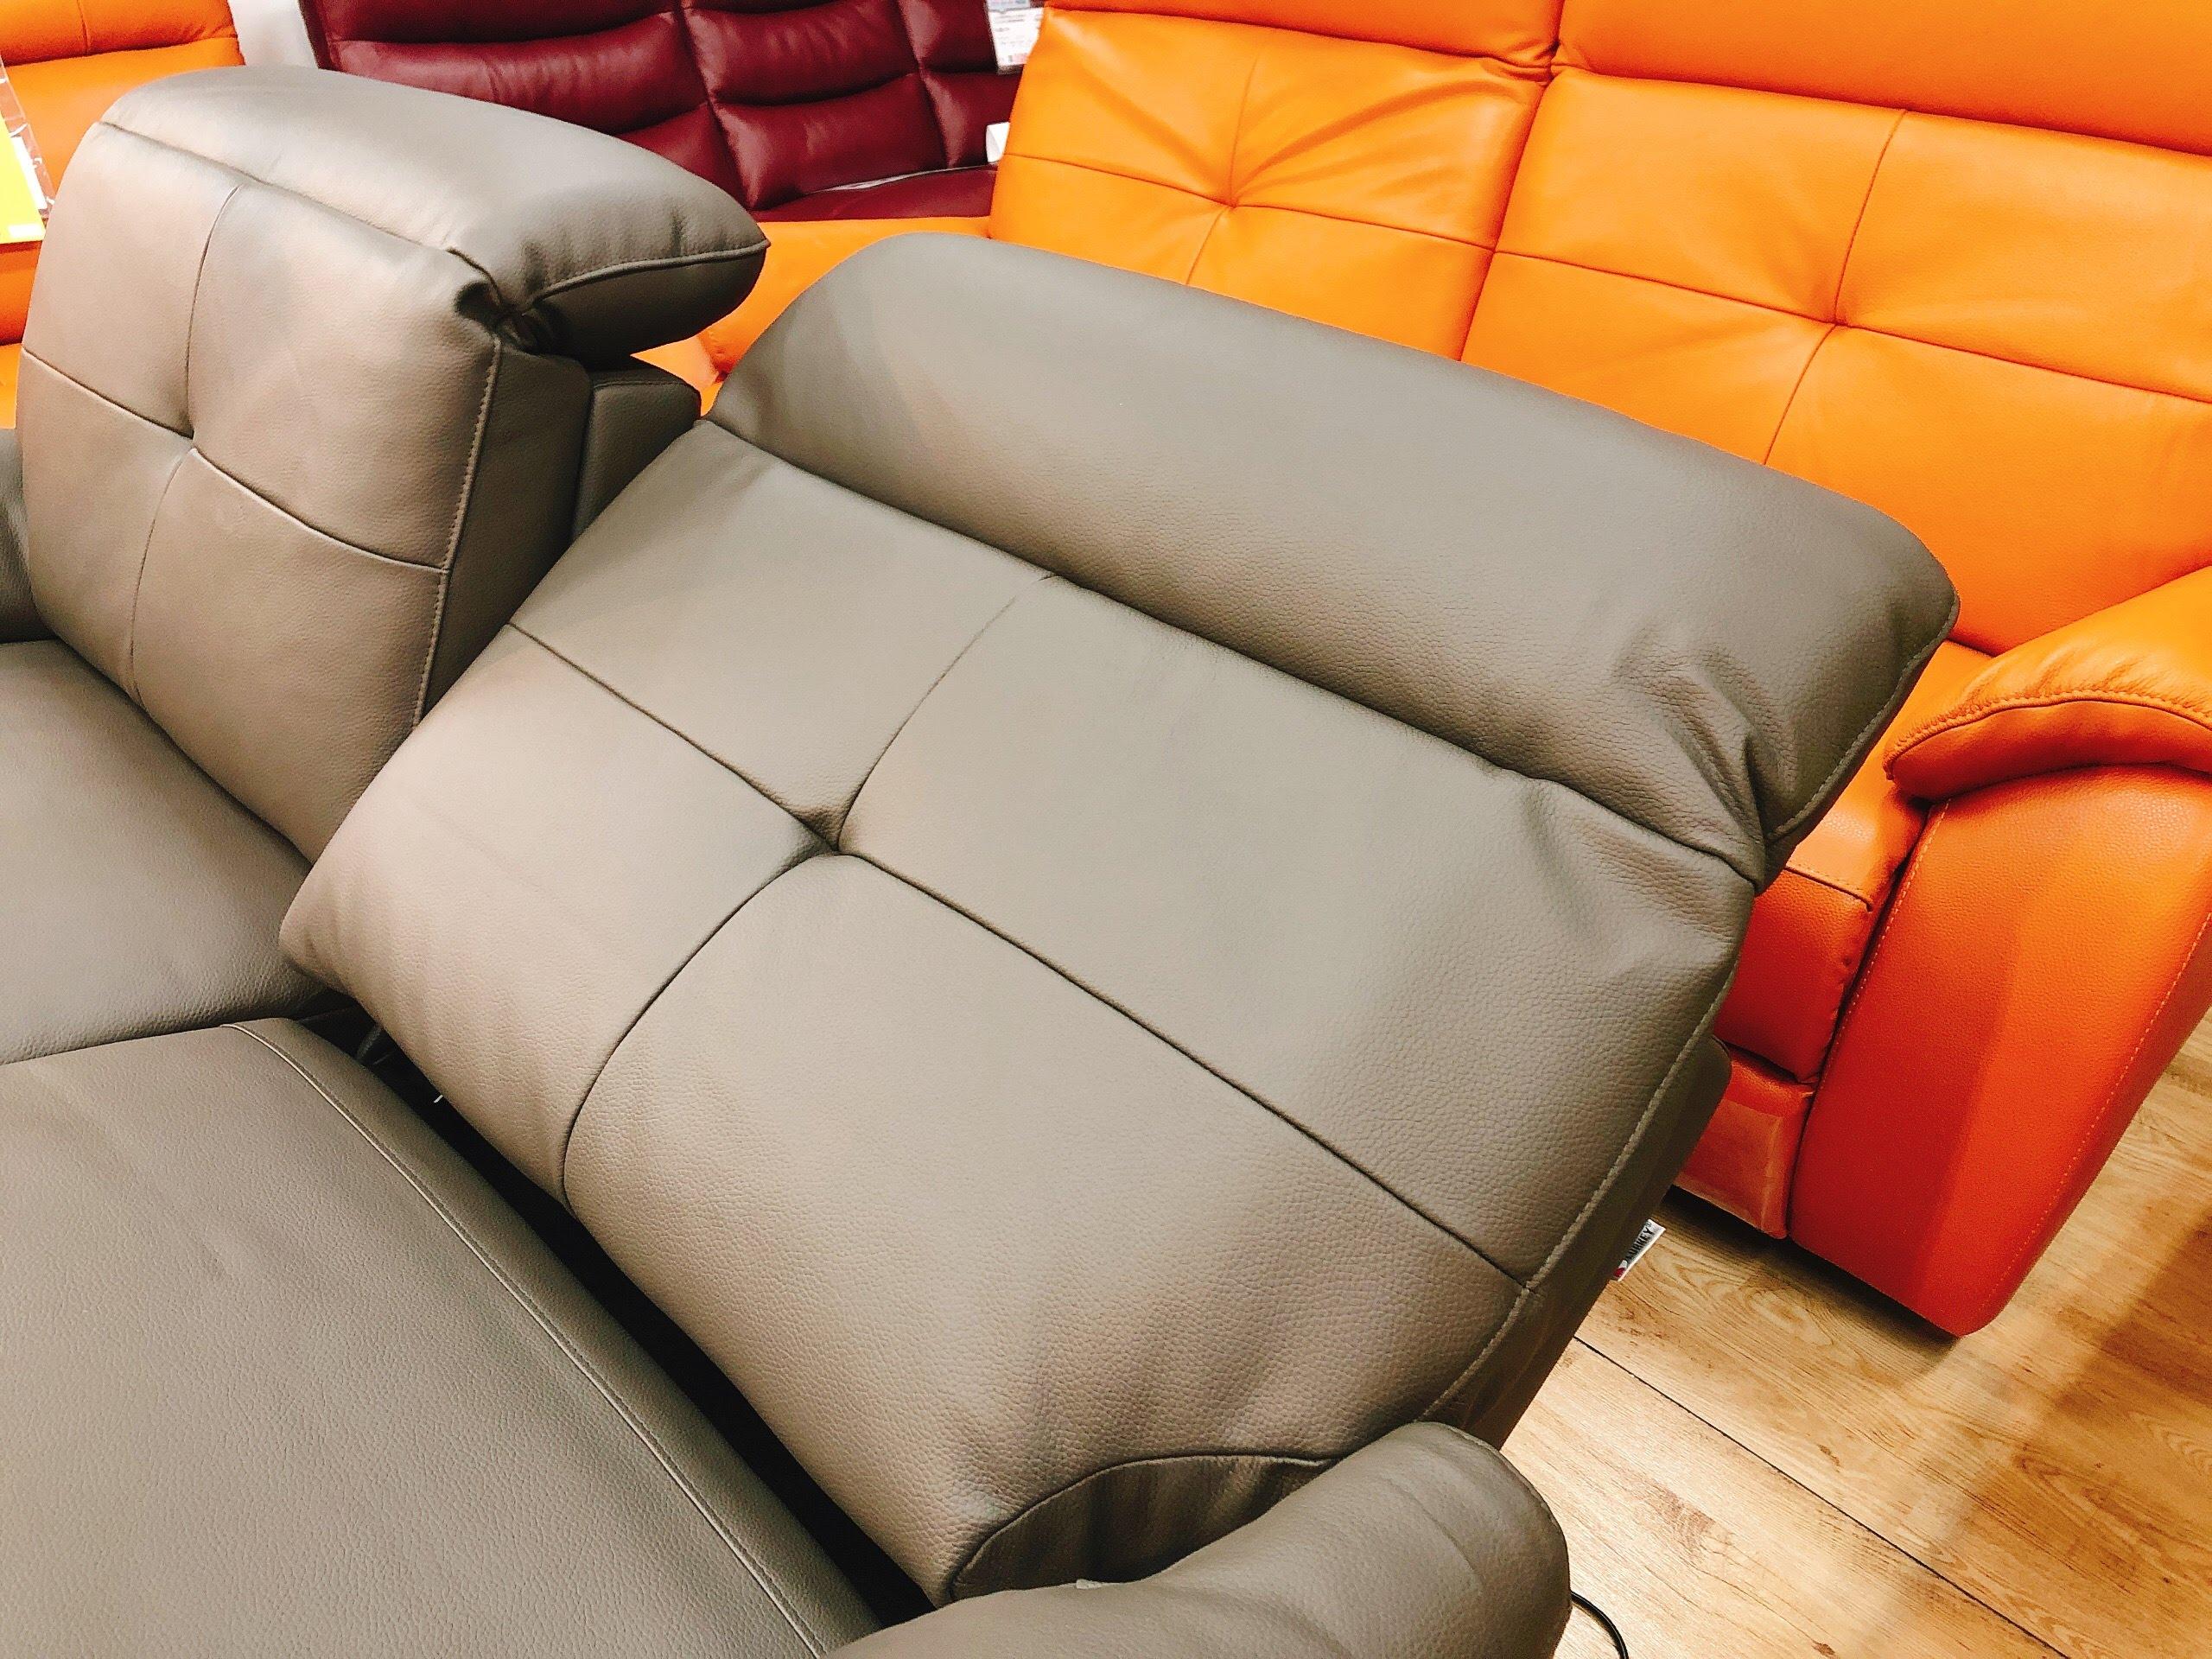 イタリア厚革 電動リクライニングソファー グレー色とオレンジ色 各一台限りの画像6